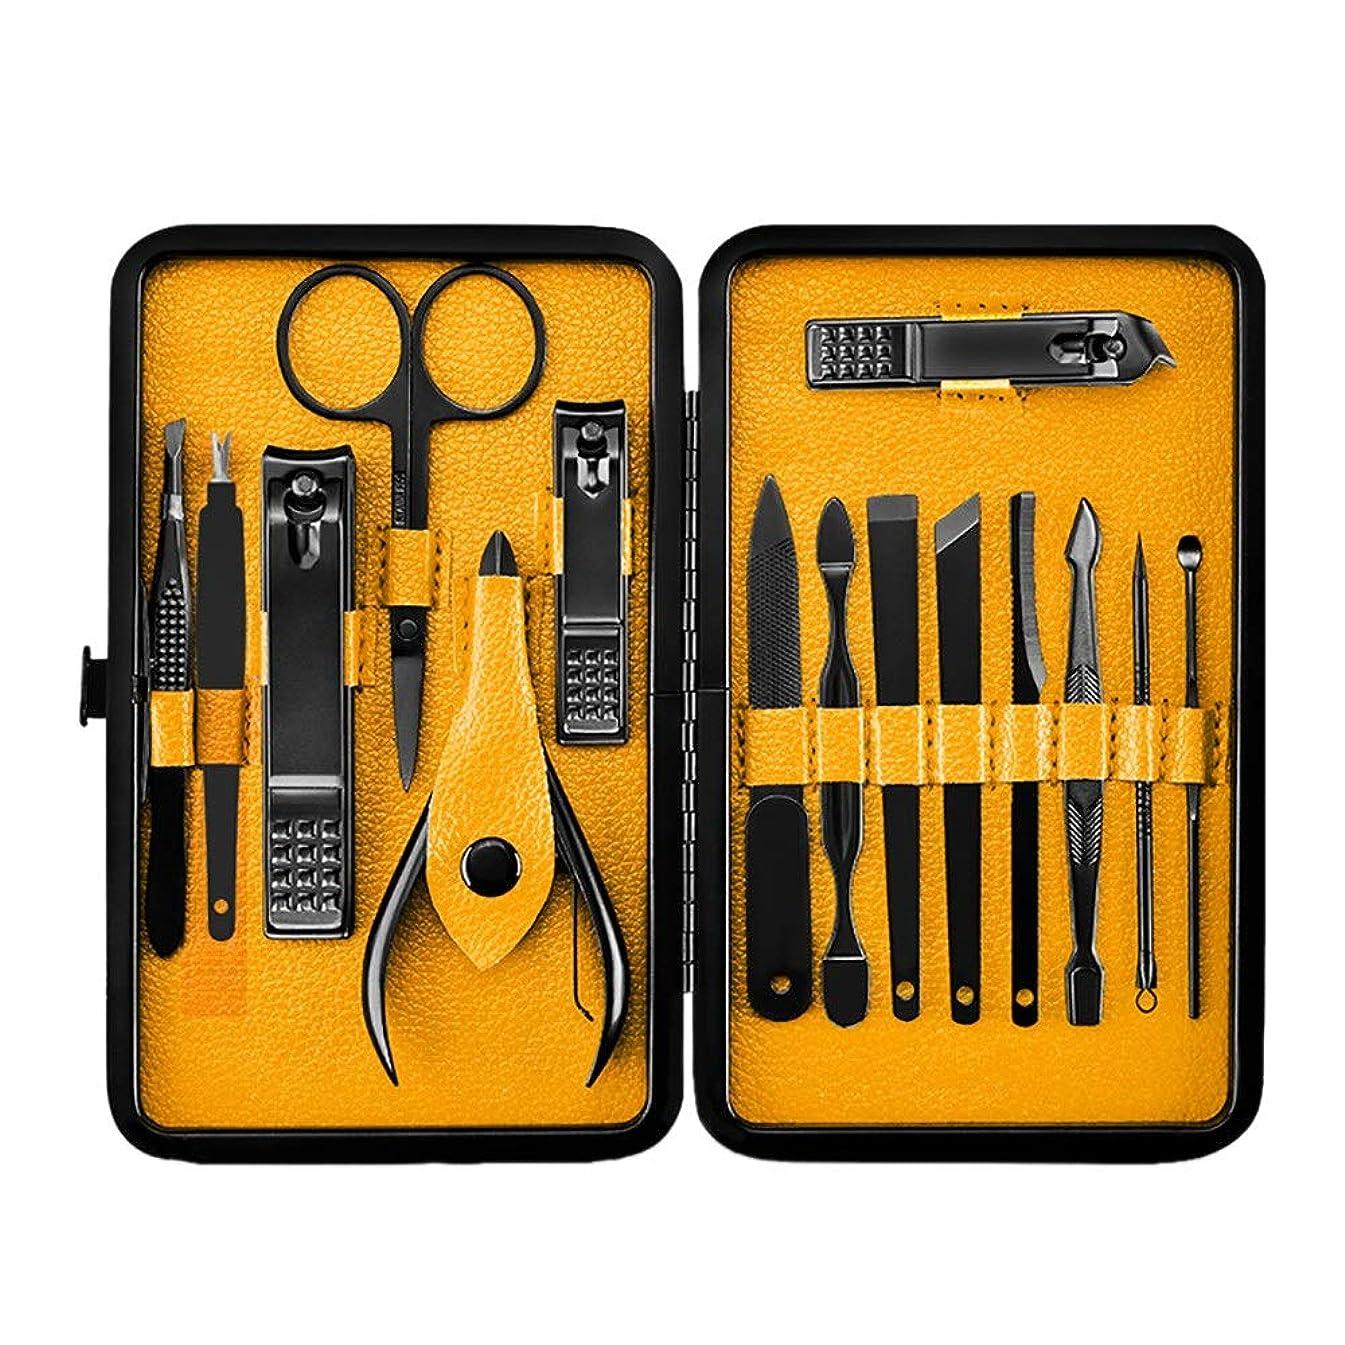 西消去小屋CUHAWUDBA 15ピース、プロフェッショナル、マニキュア、ステンレス鋼製ネイルのクリッパー、爪切り、はさみのセット、キット、マニキュアのセット、ネイルのツール、ネイルアートのツール